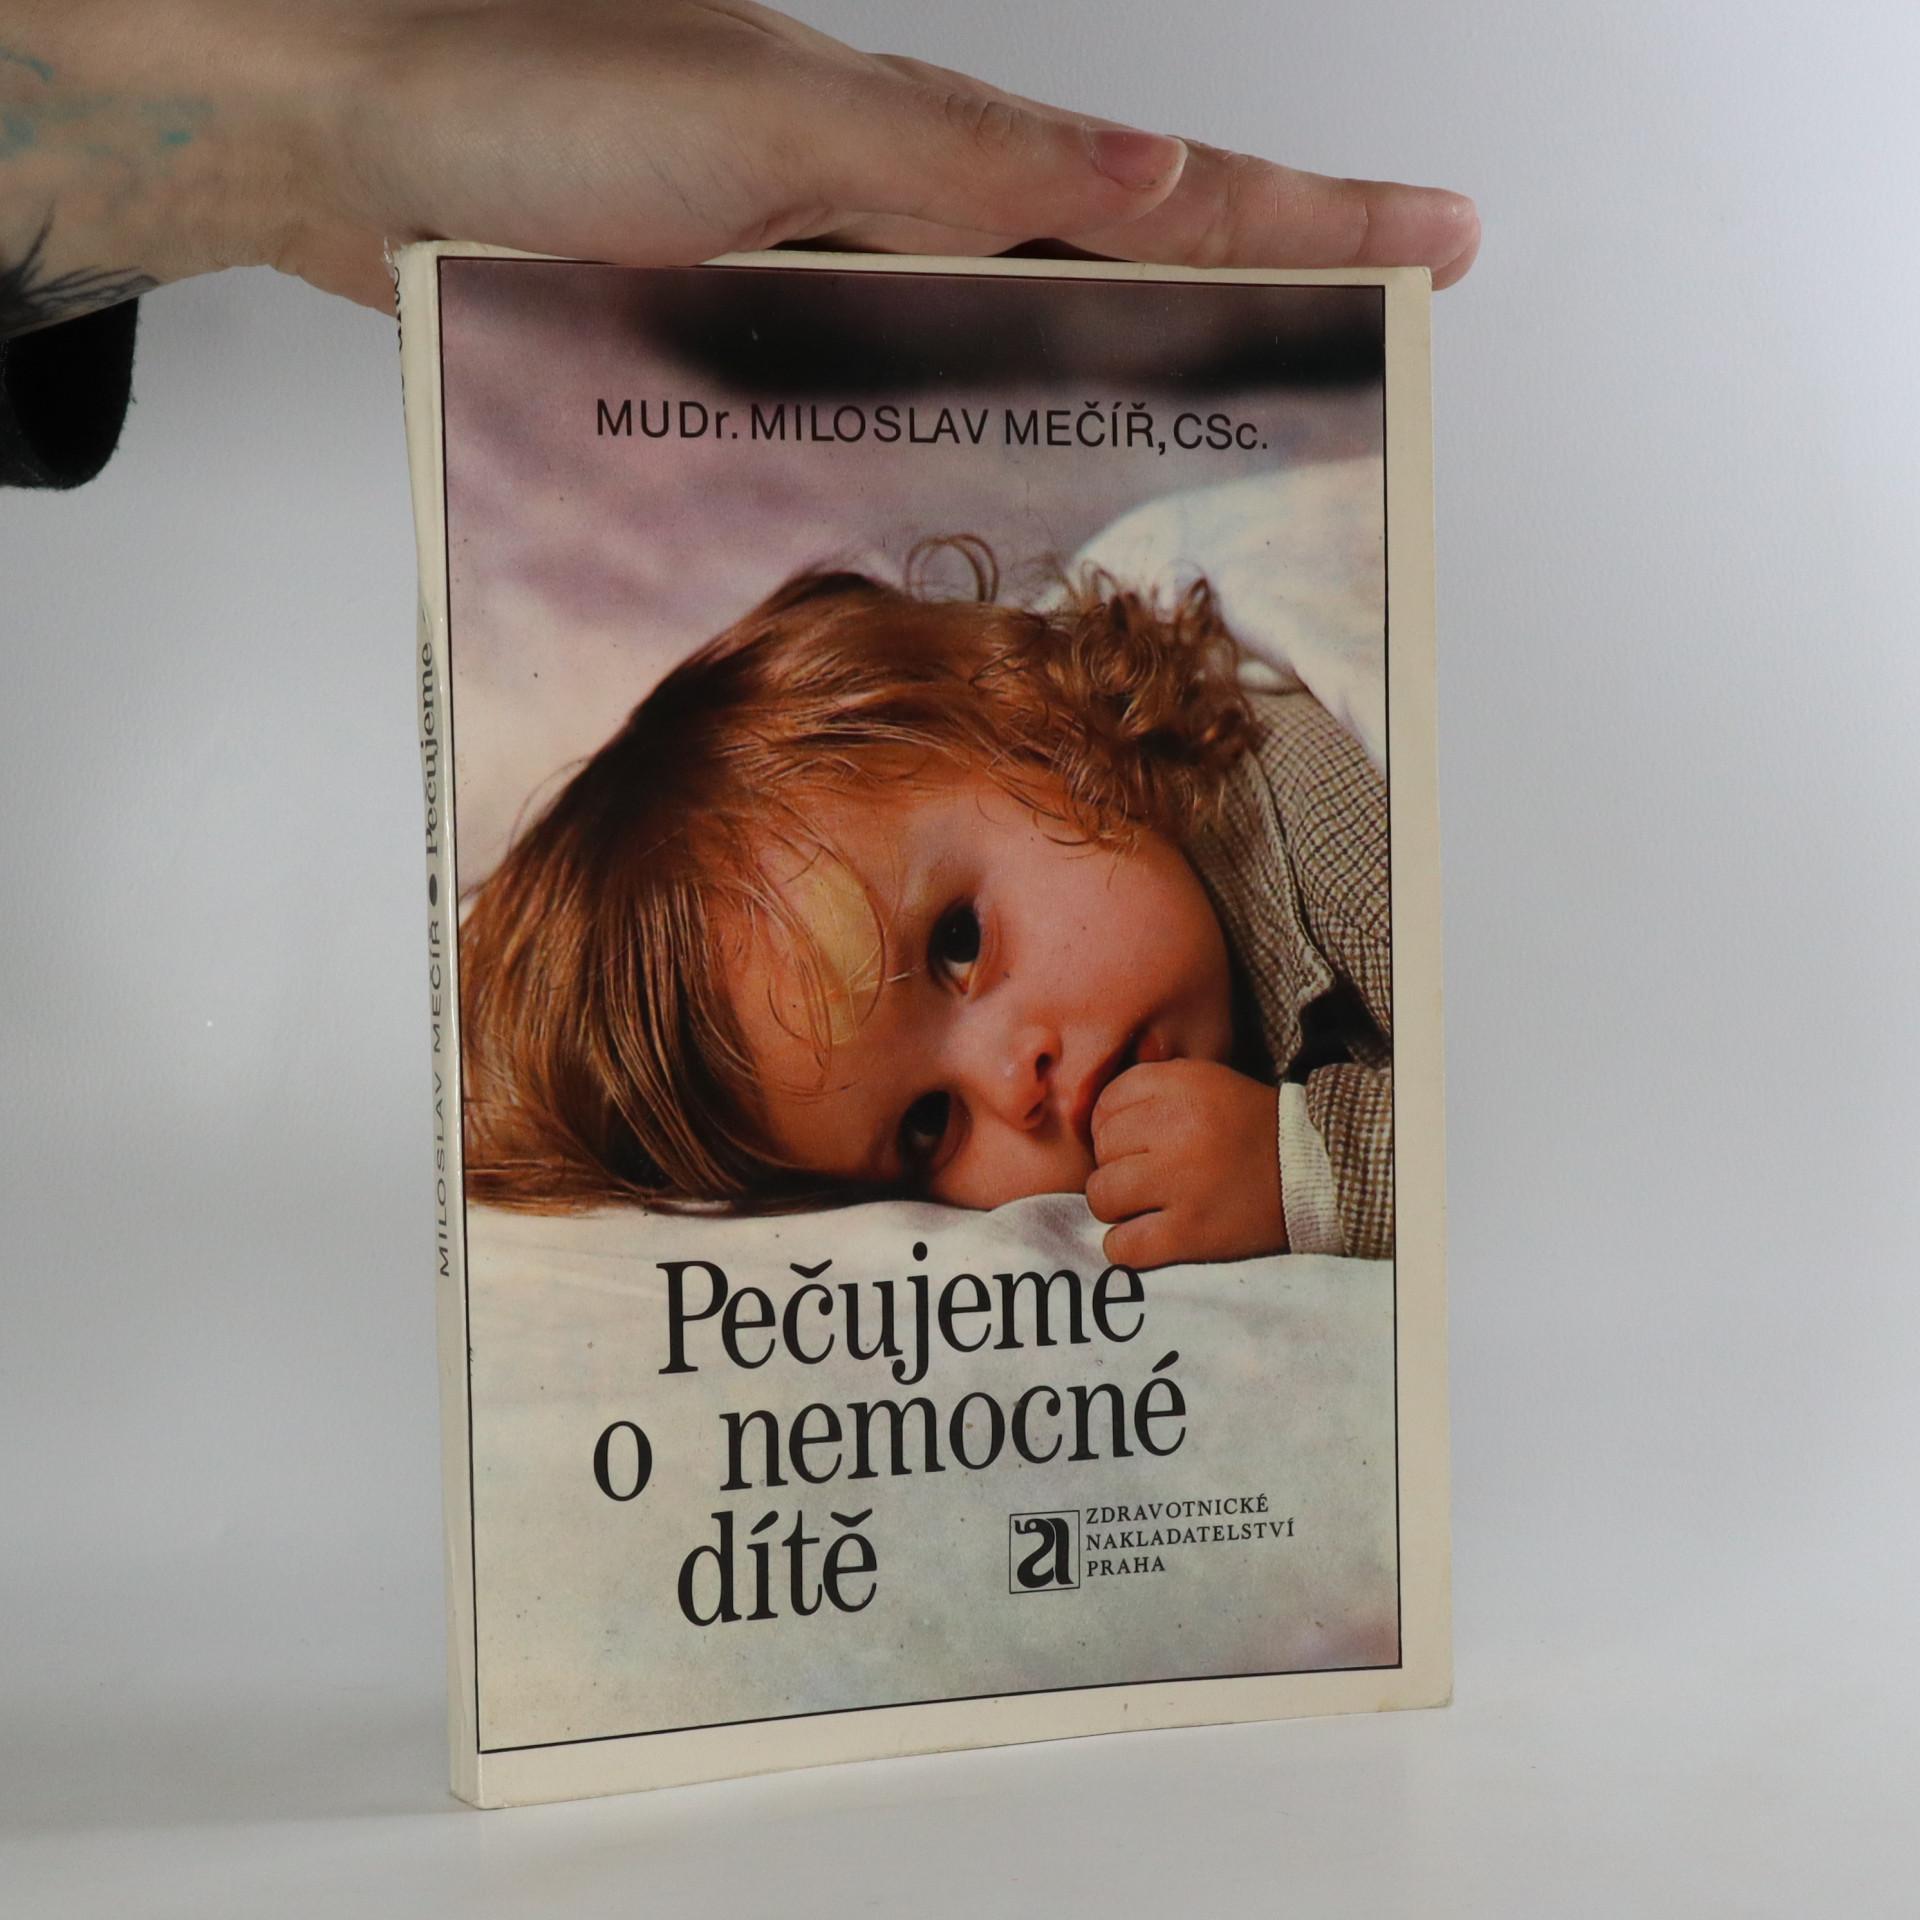 antikvární kniha Pečujeme o nemocné dítě, 1988